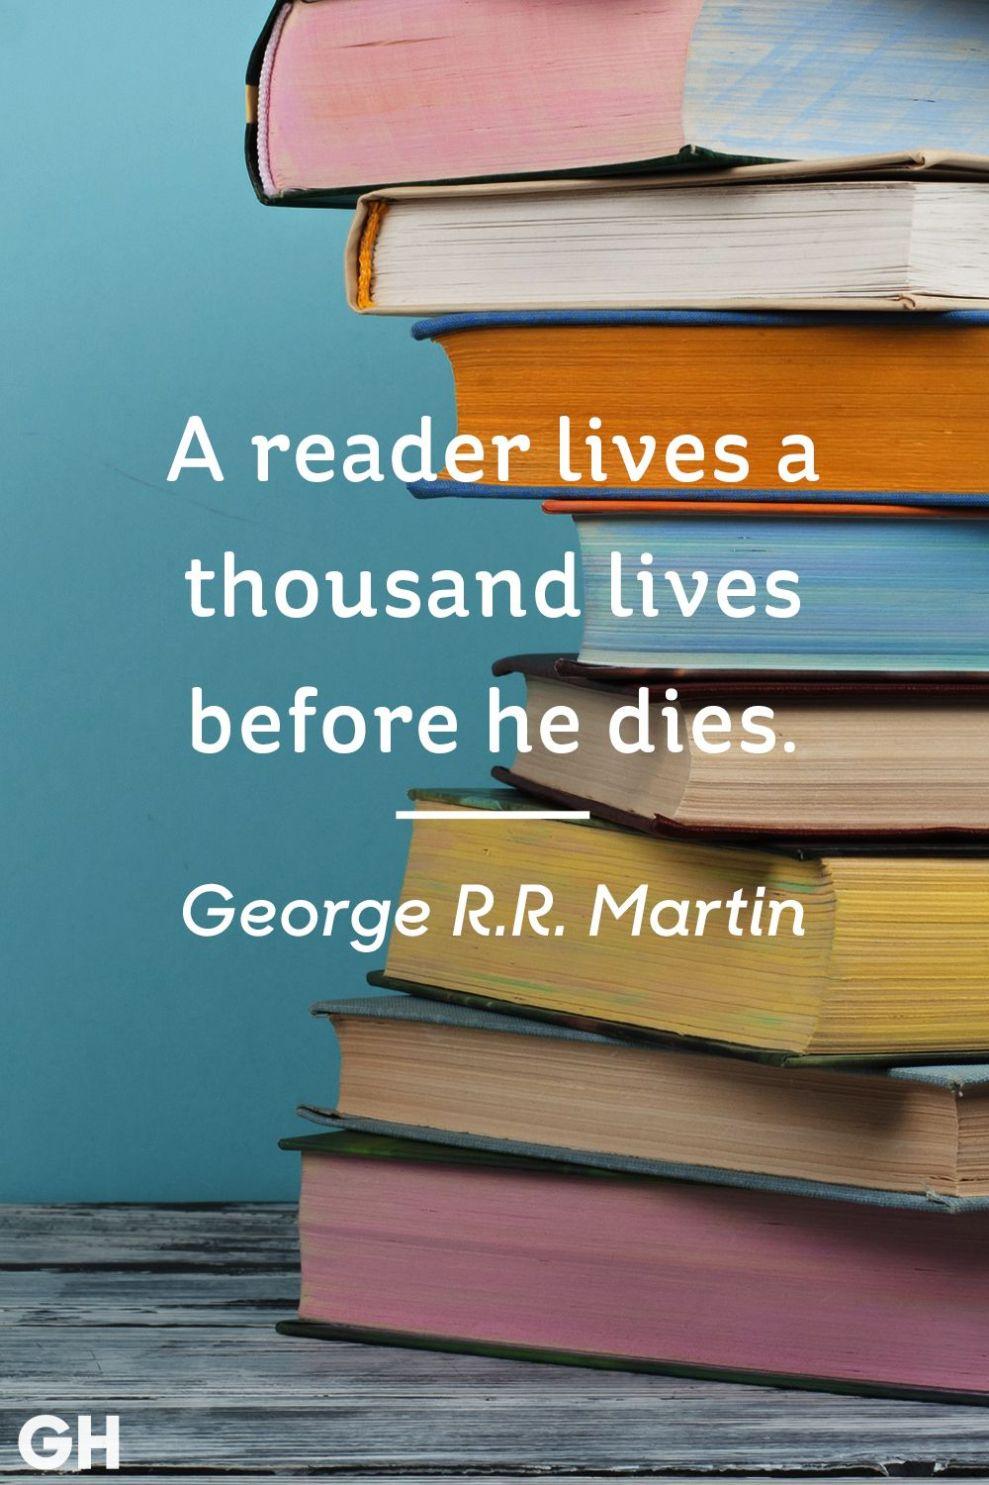 George R.R. Martin Book Quote